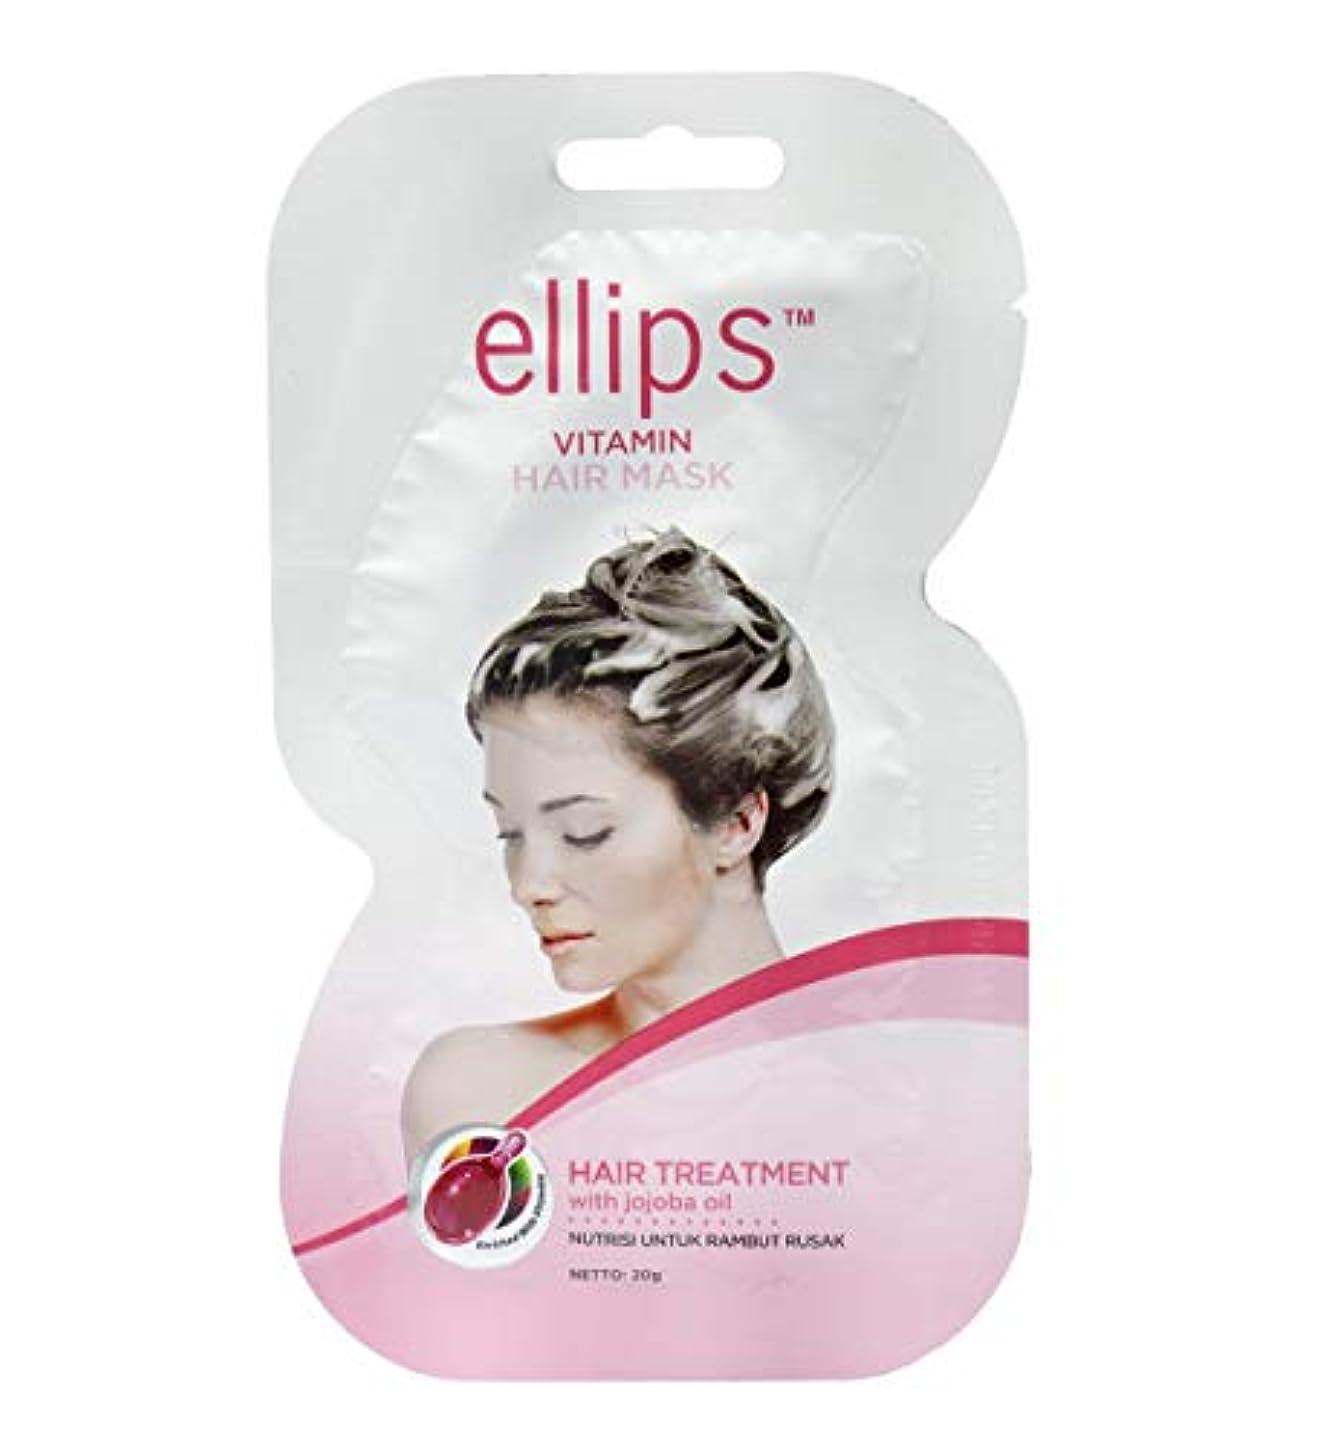 ellips(エリップス) ヘアマスク ヘアパック シートタイプ 洗い流すヘアトリートメント ヘアケア ピンク(ダメージ用)